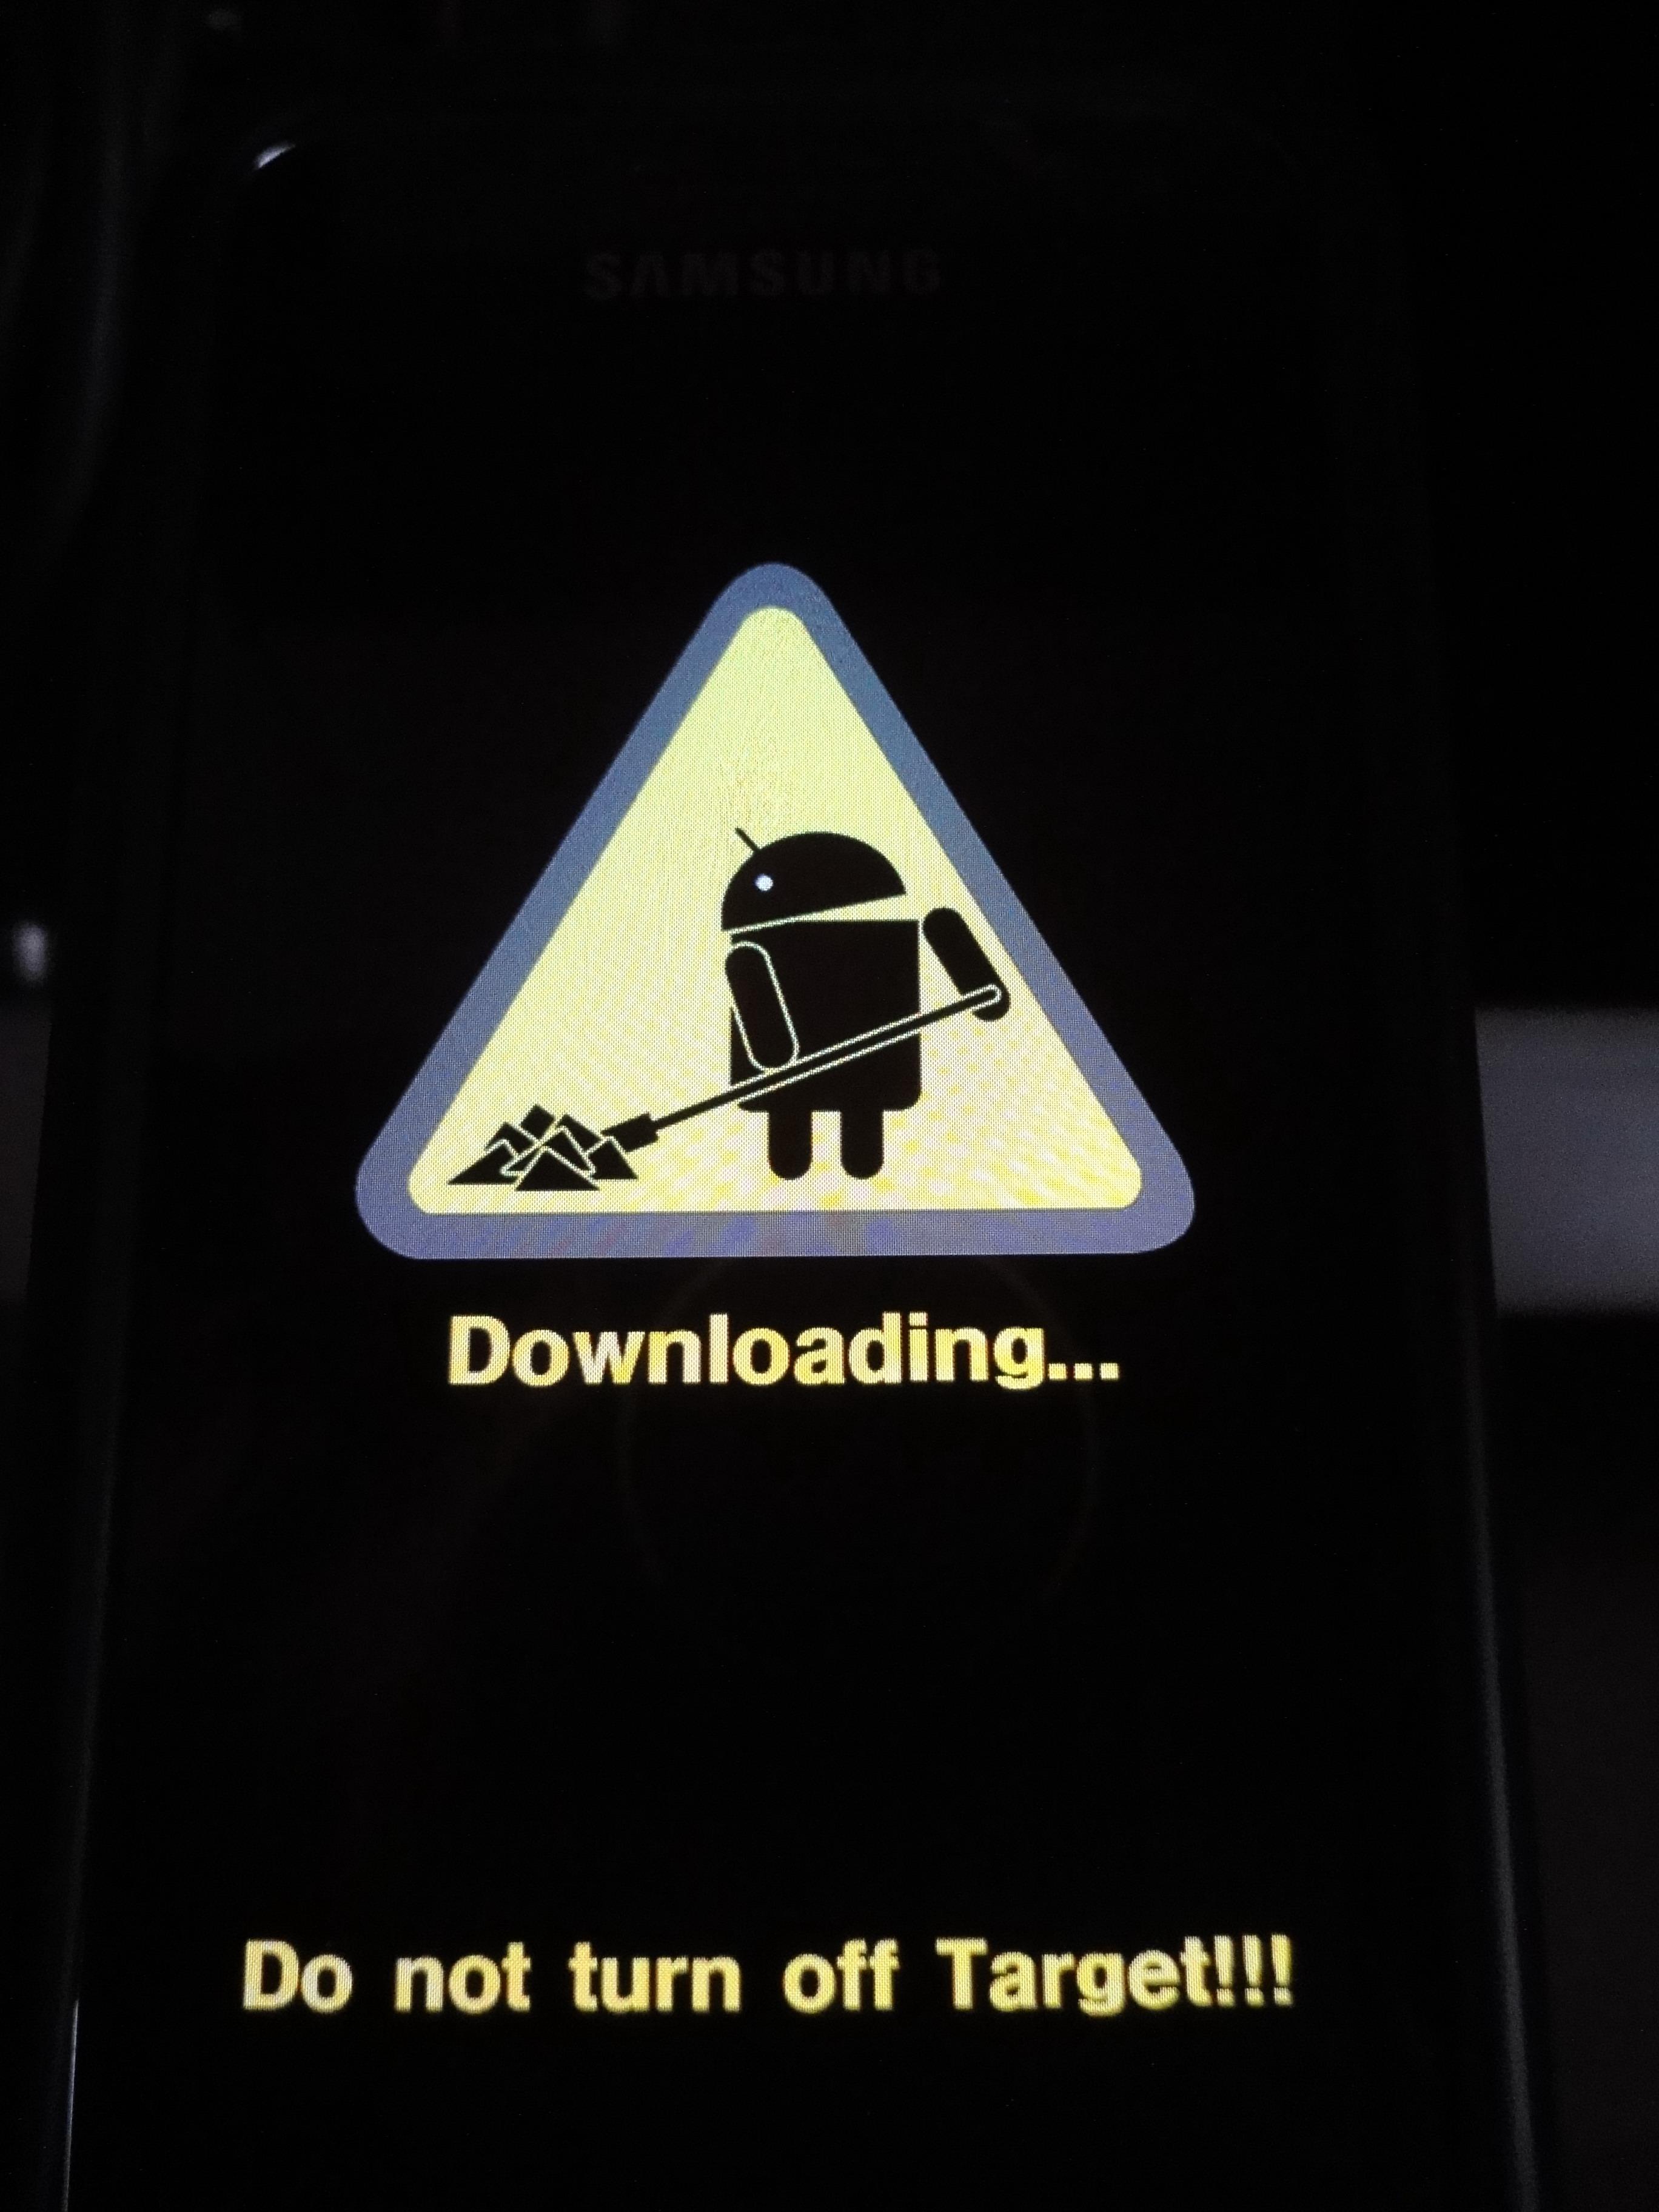 Com instal·lar al nostre Samsung Galaxy S i9000 la 2.3.4 JVR